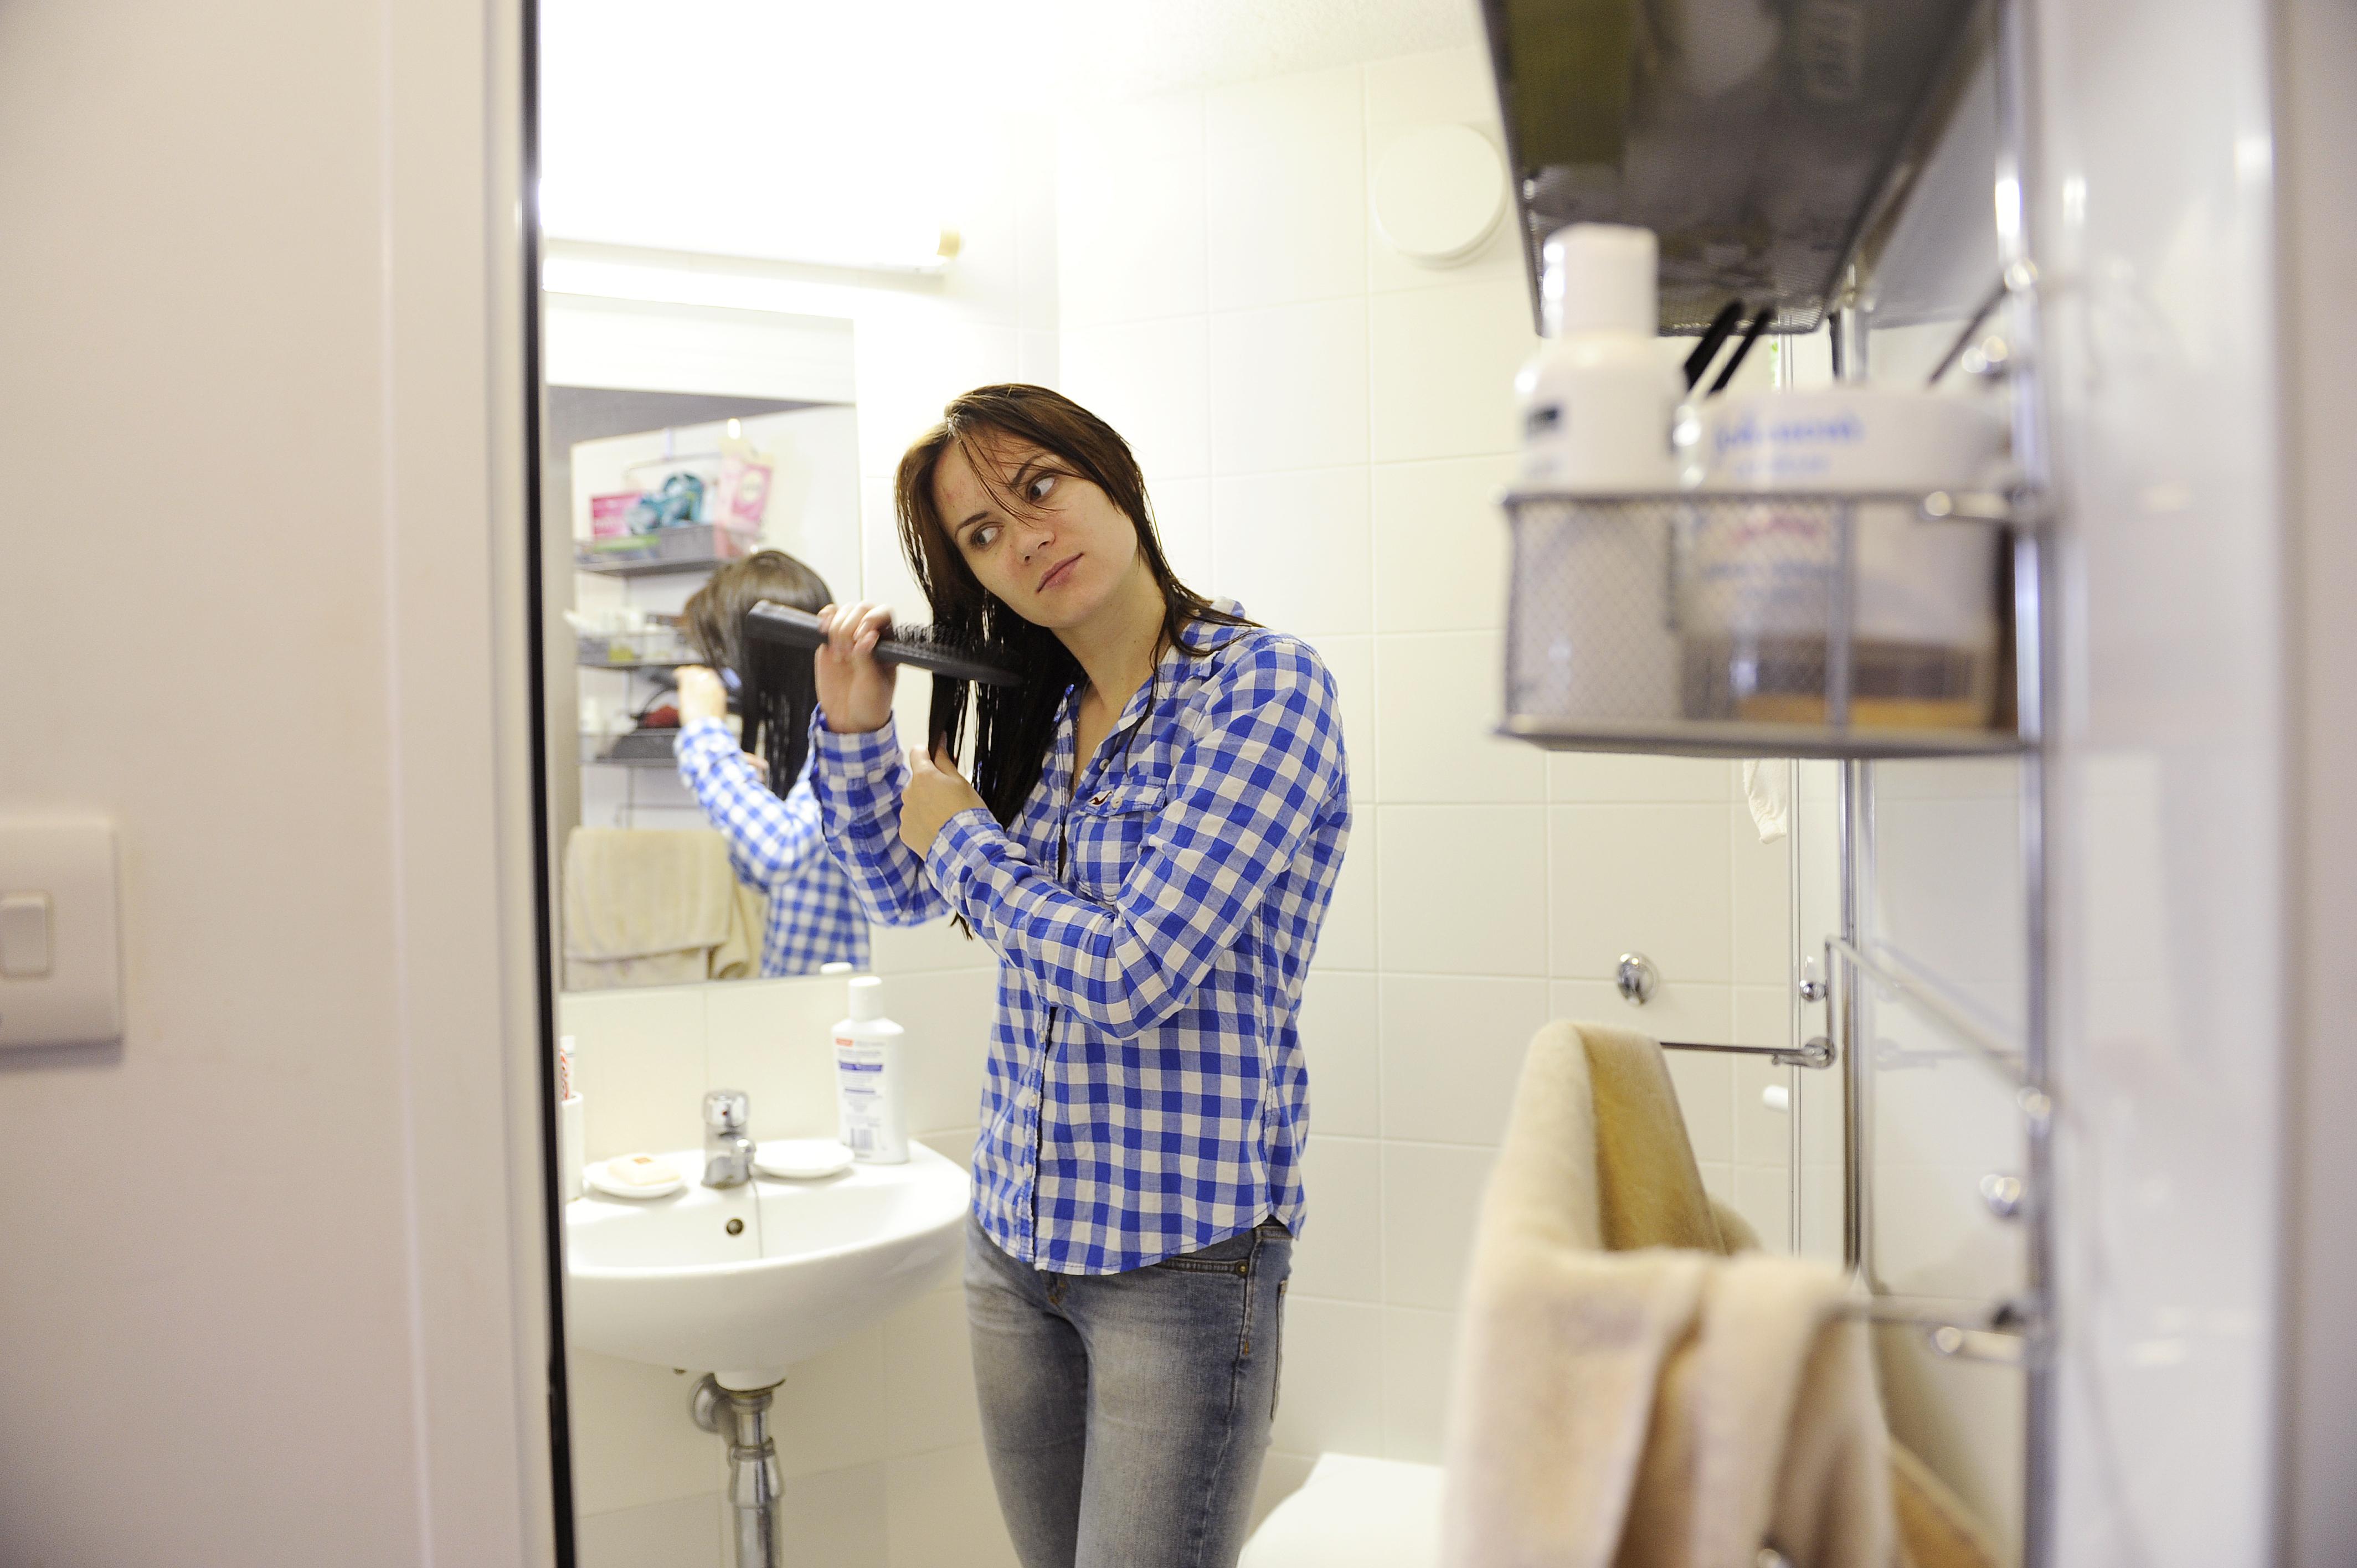 学生在INTO UEA中心学生宿舍的套间卫浴里整理头发